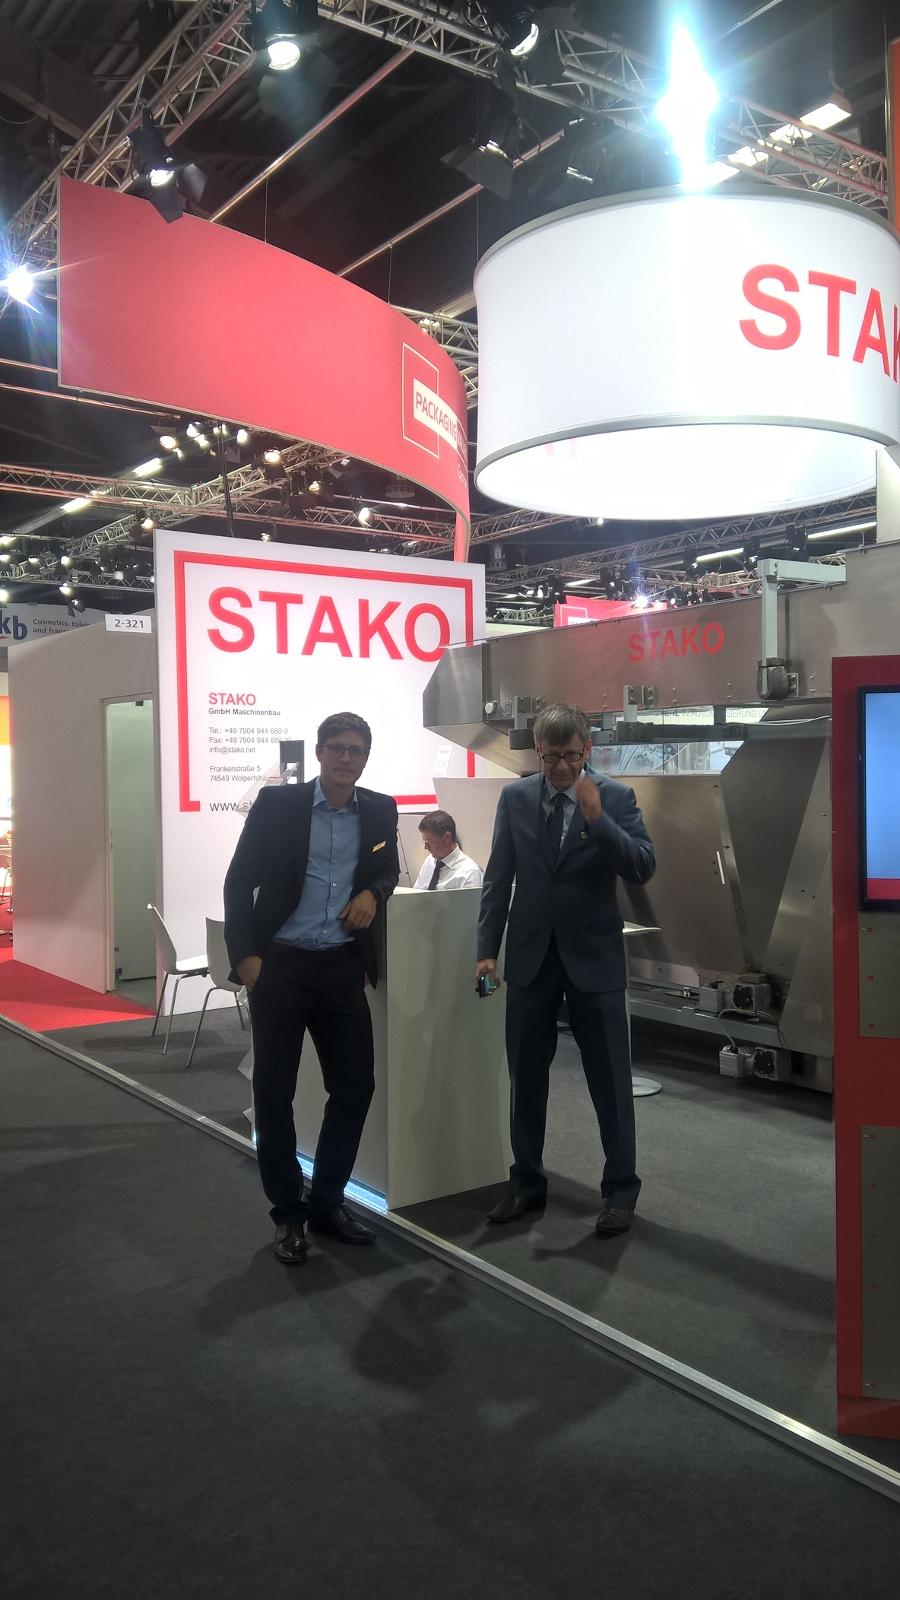 Treffen Sie STAKO auf der Fachpack 2018 in Nürnberg